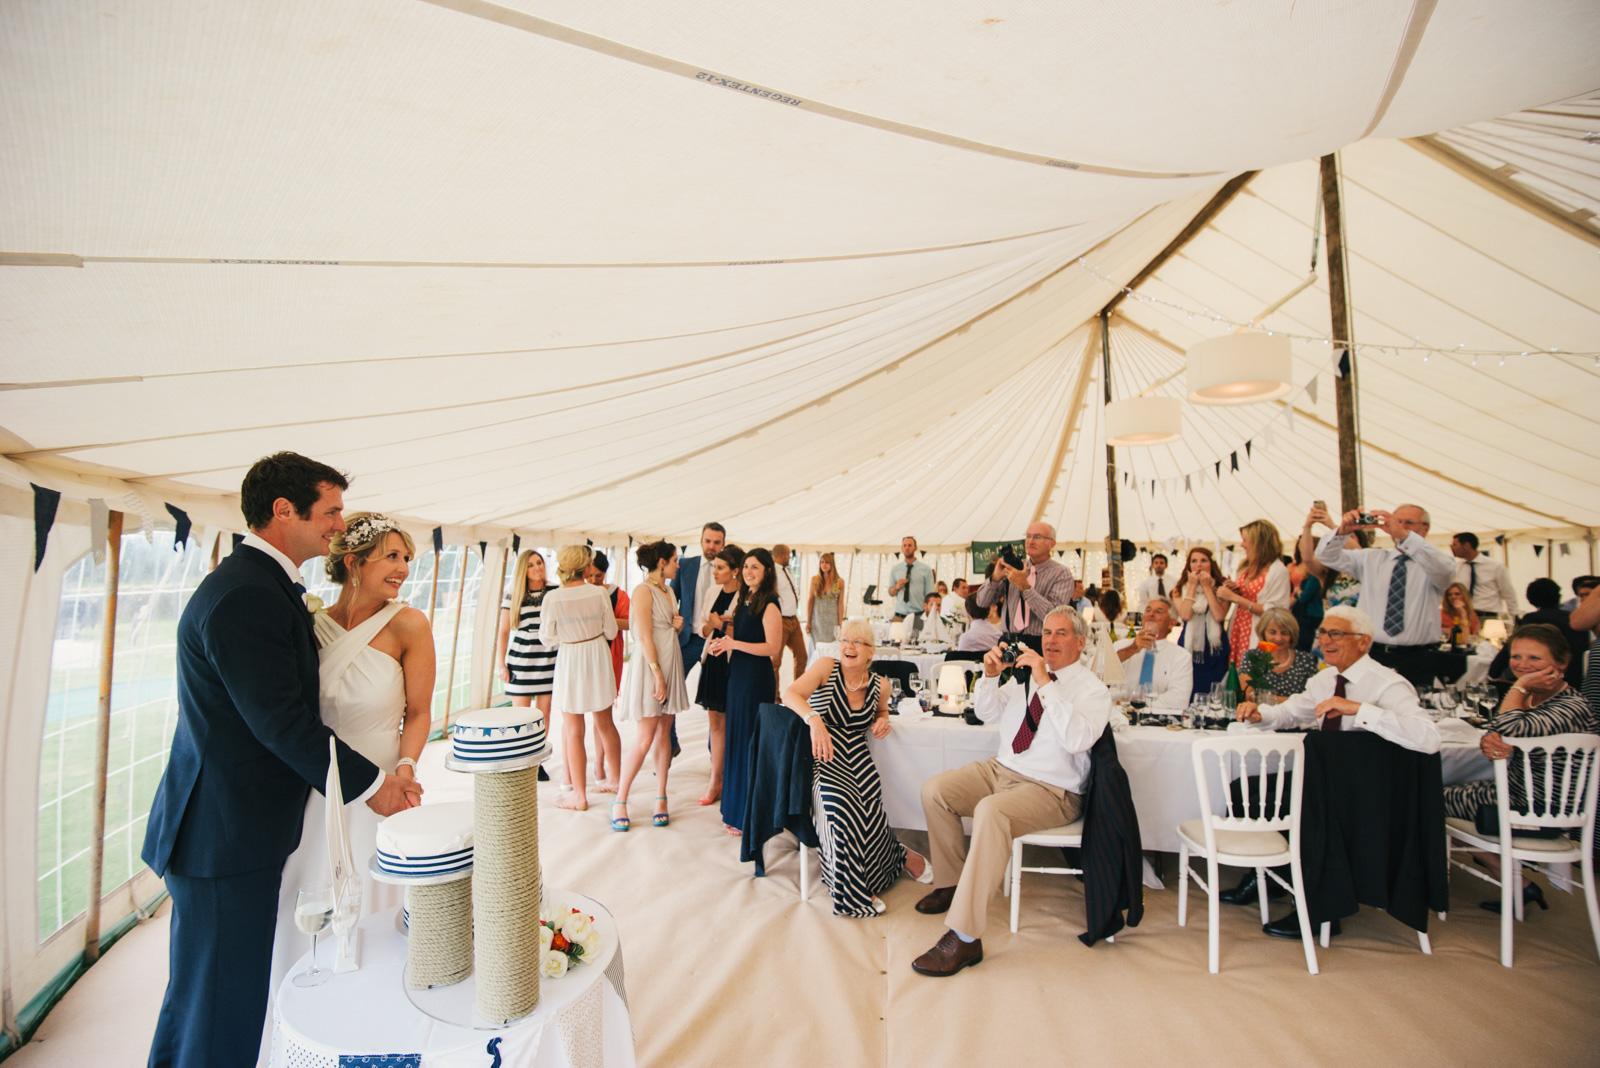 mylor-church-wedding-107.jpg